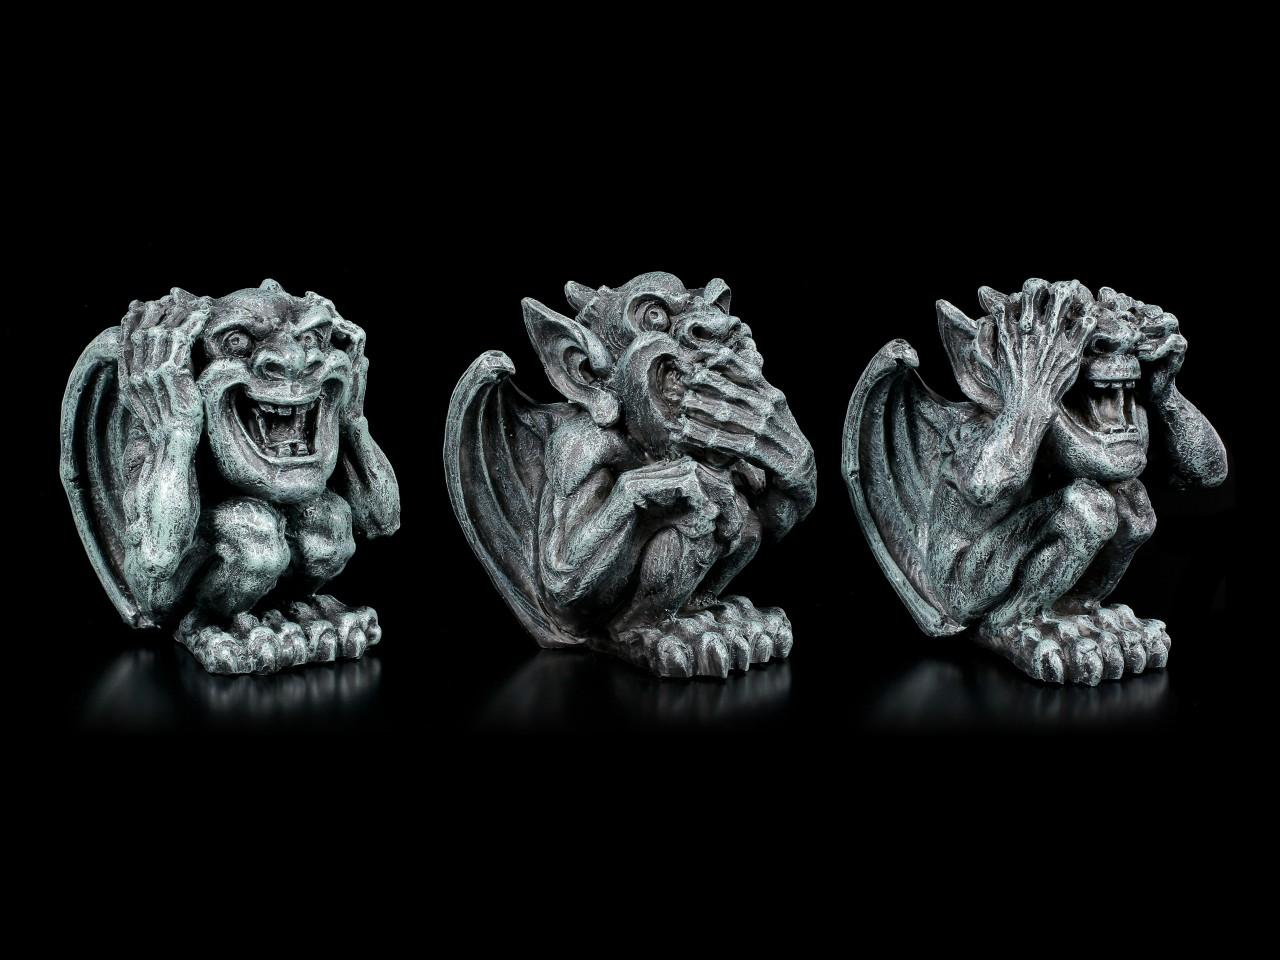 Drei kleine Gargoyles Figuren - Nichts Böses